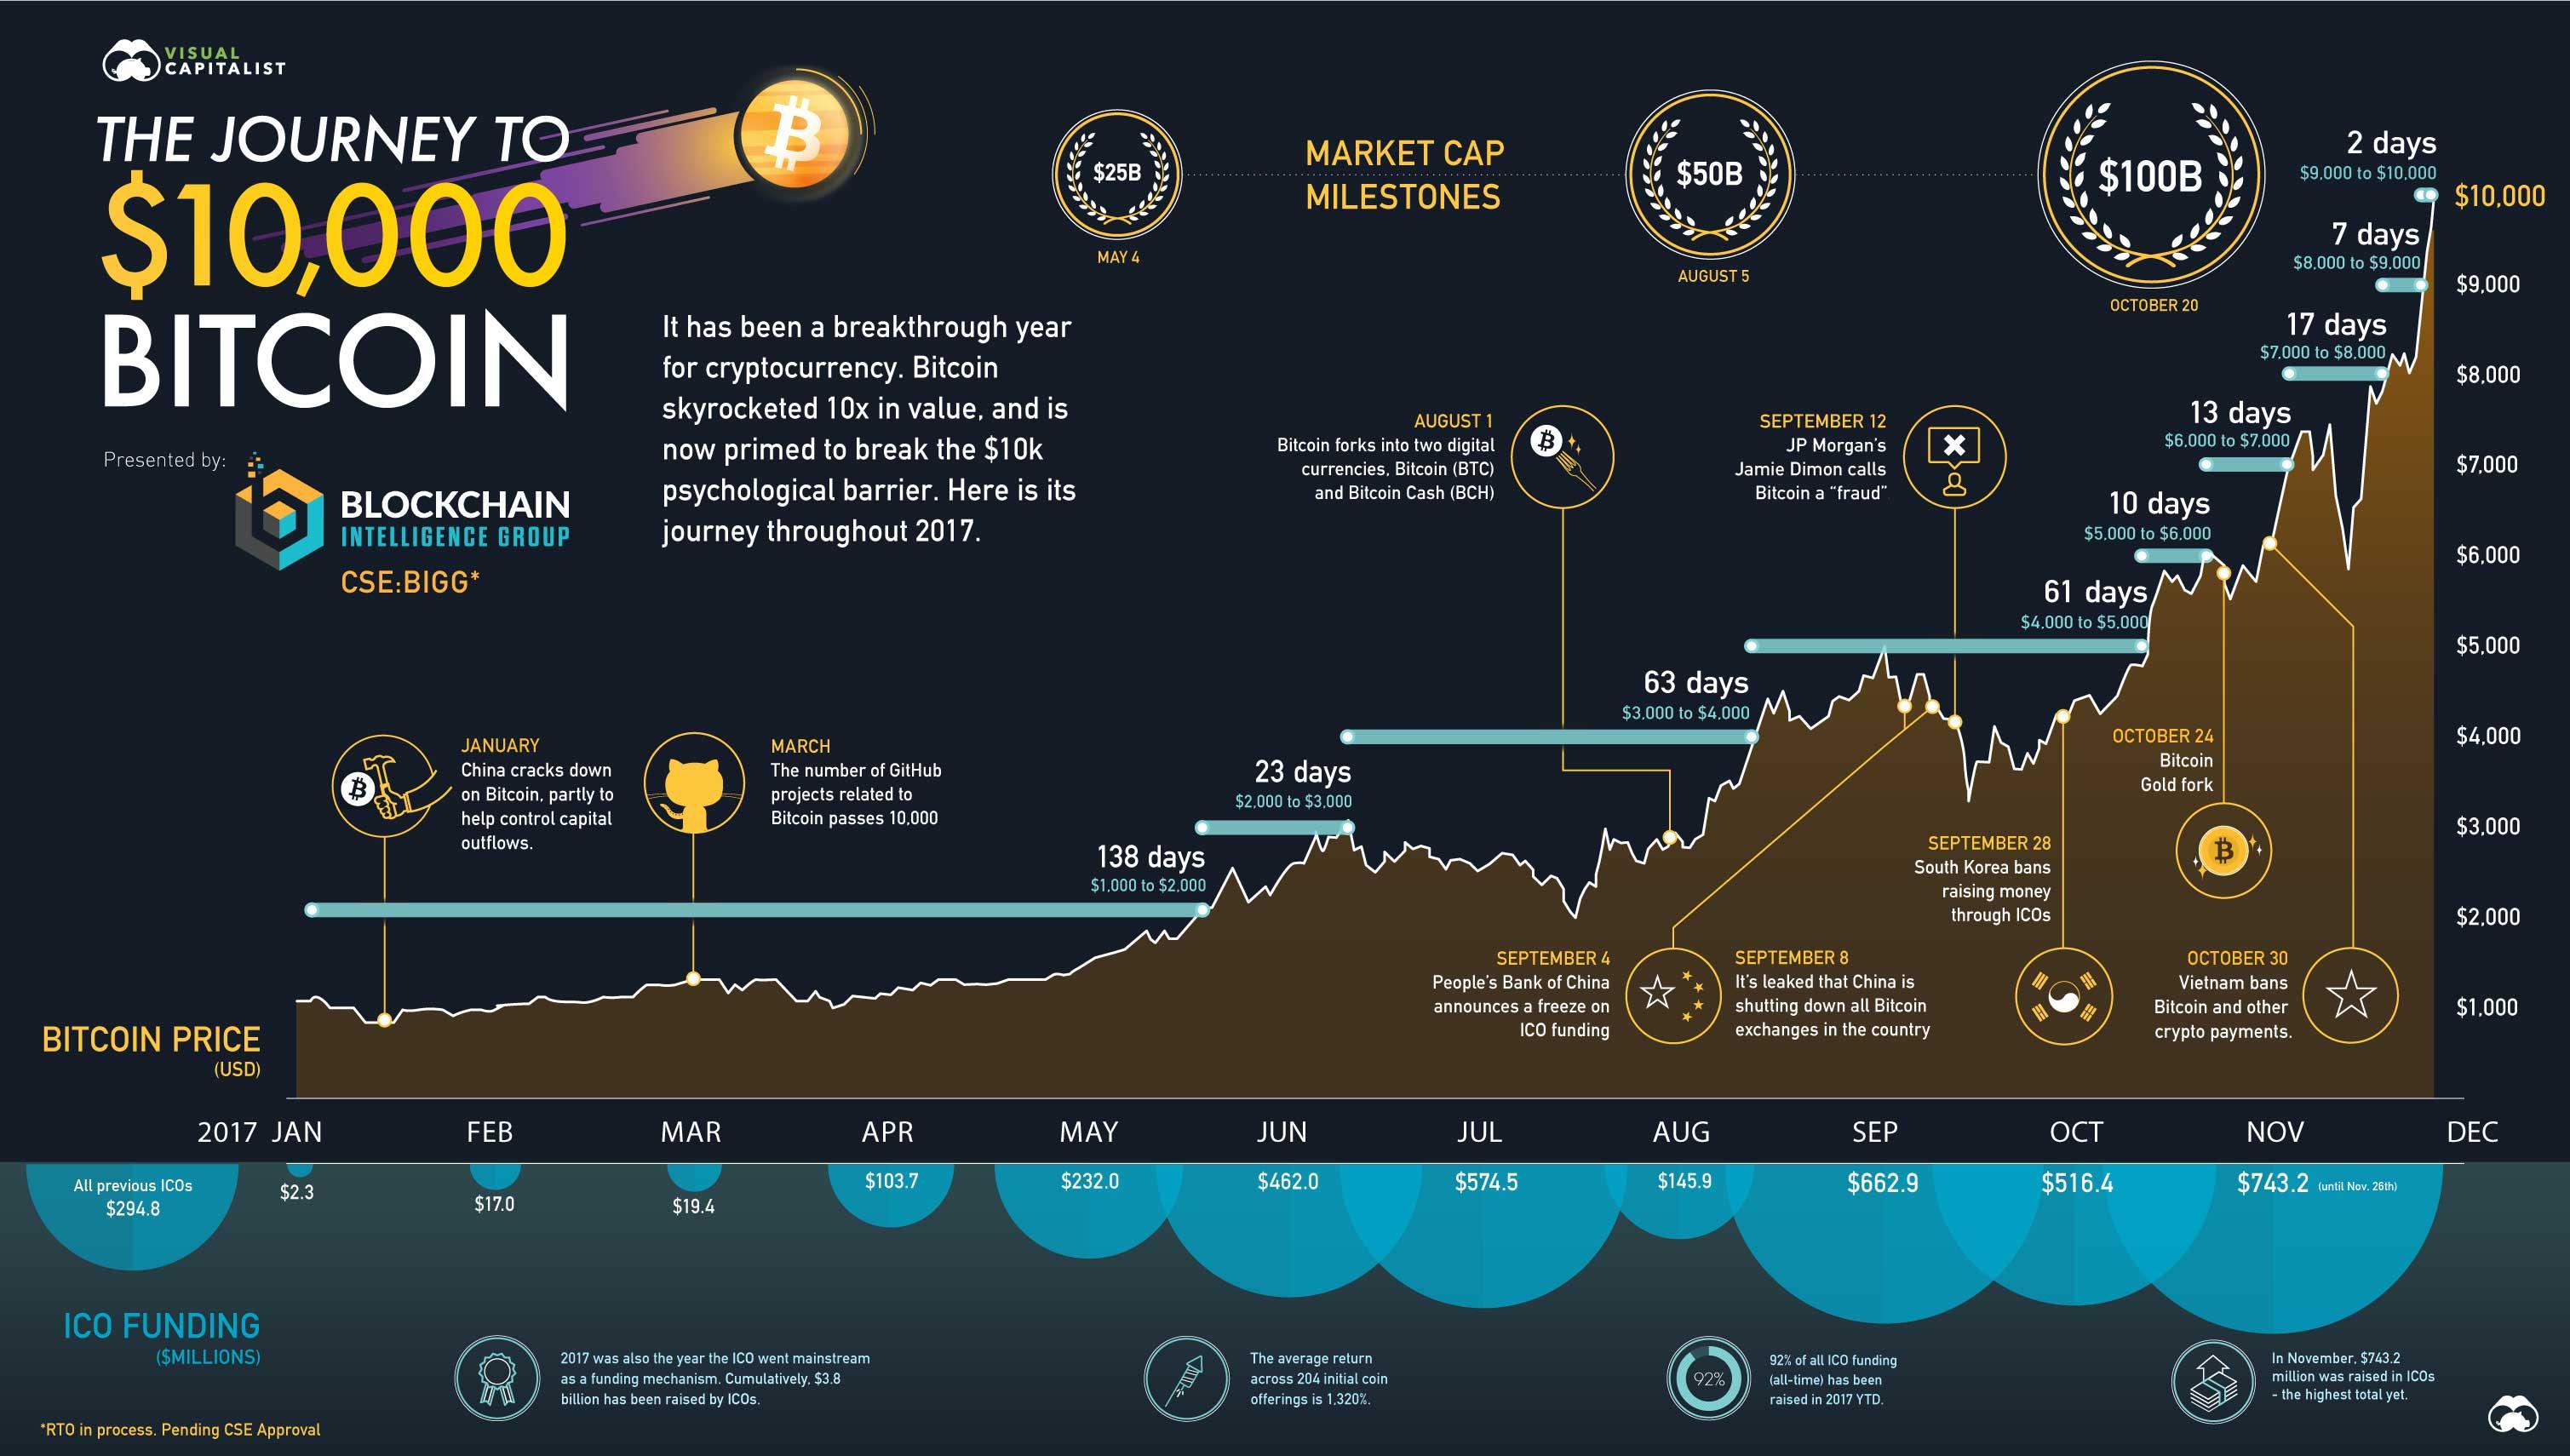 Bitcoin $10,000